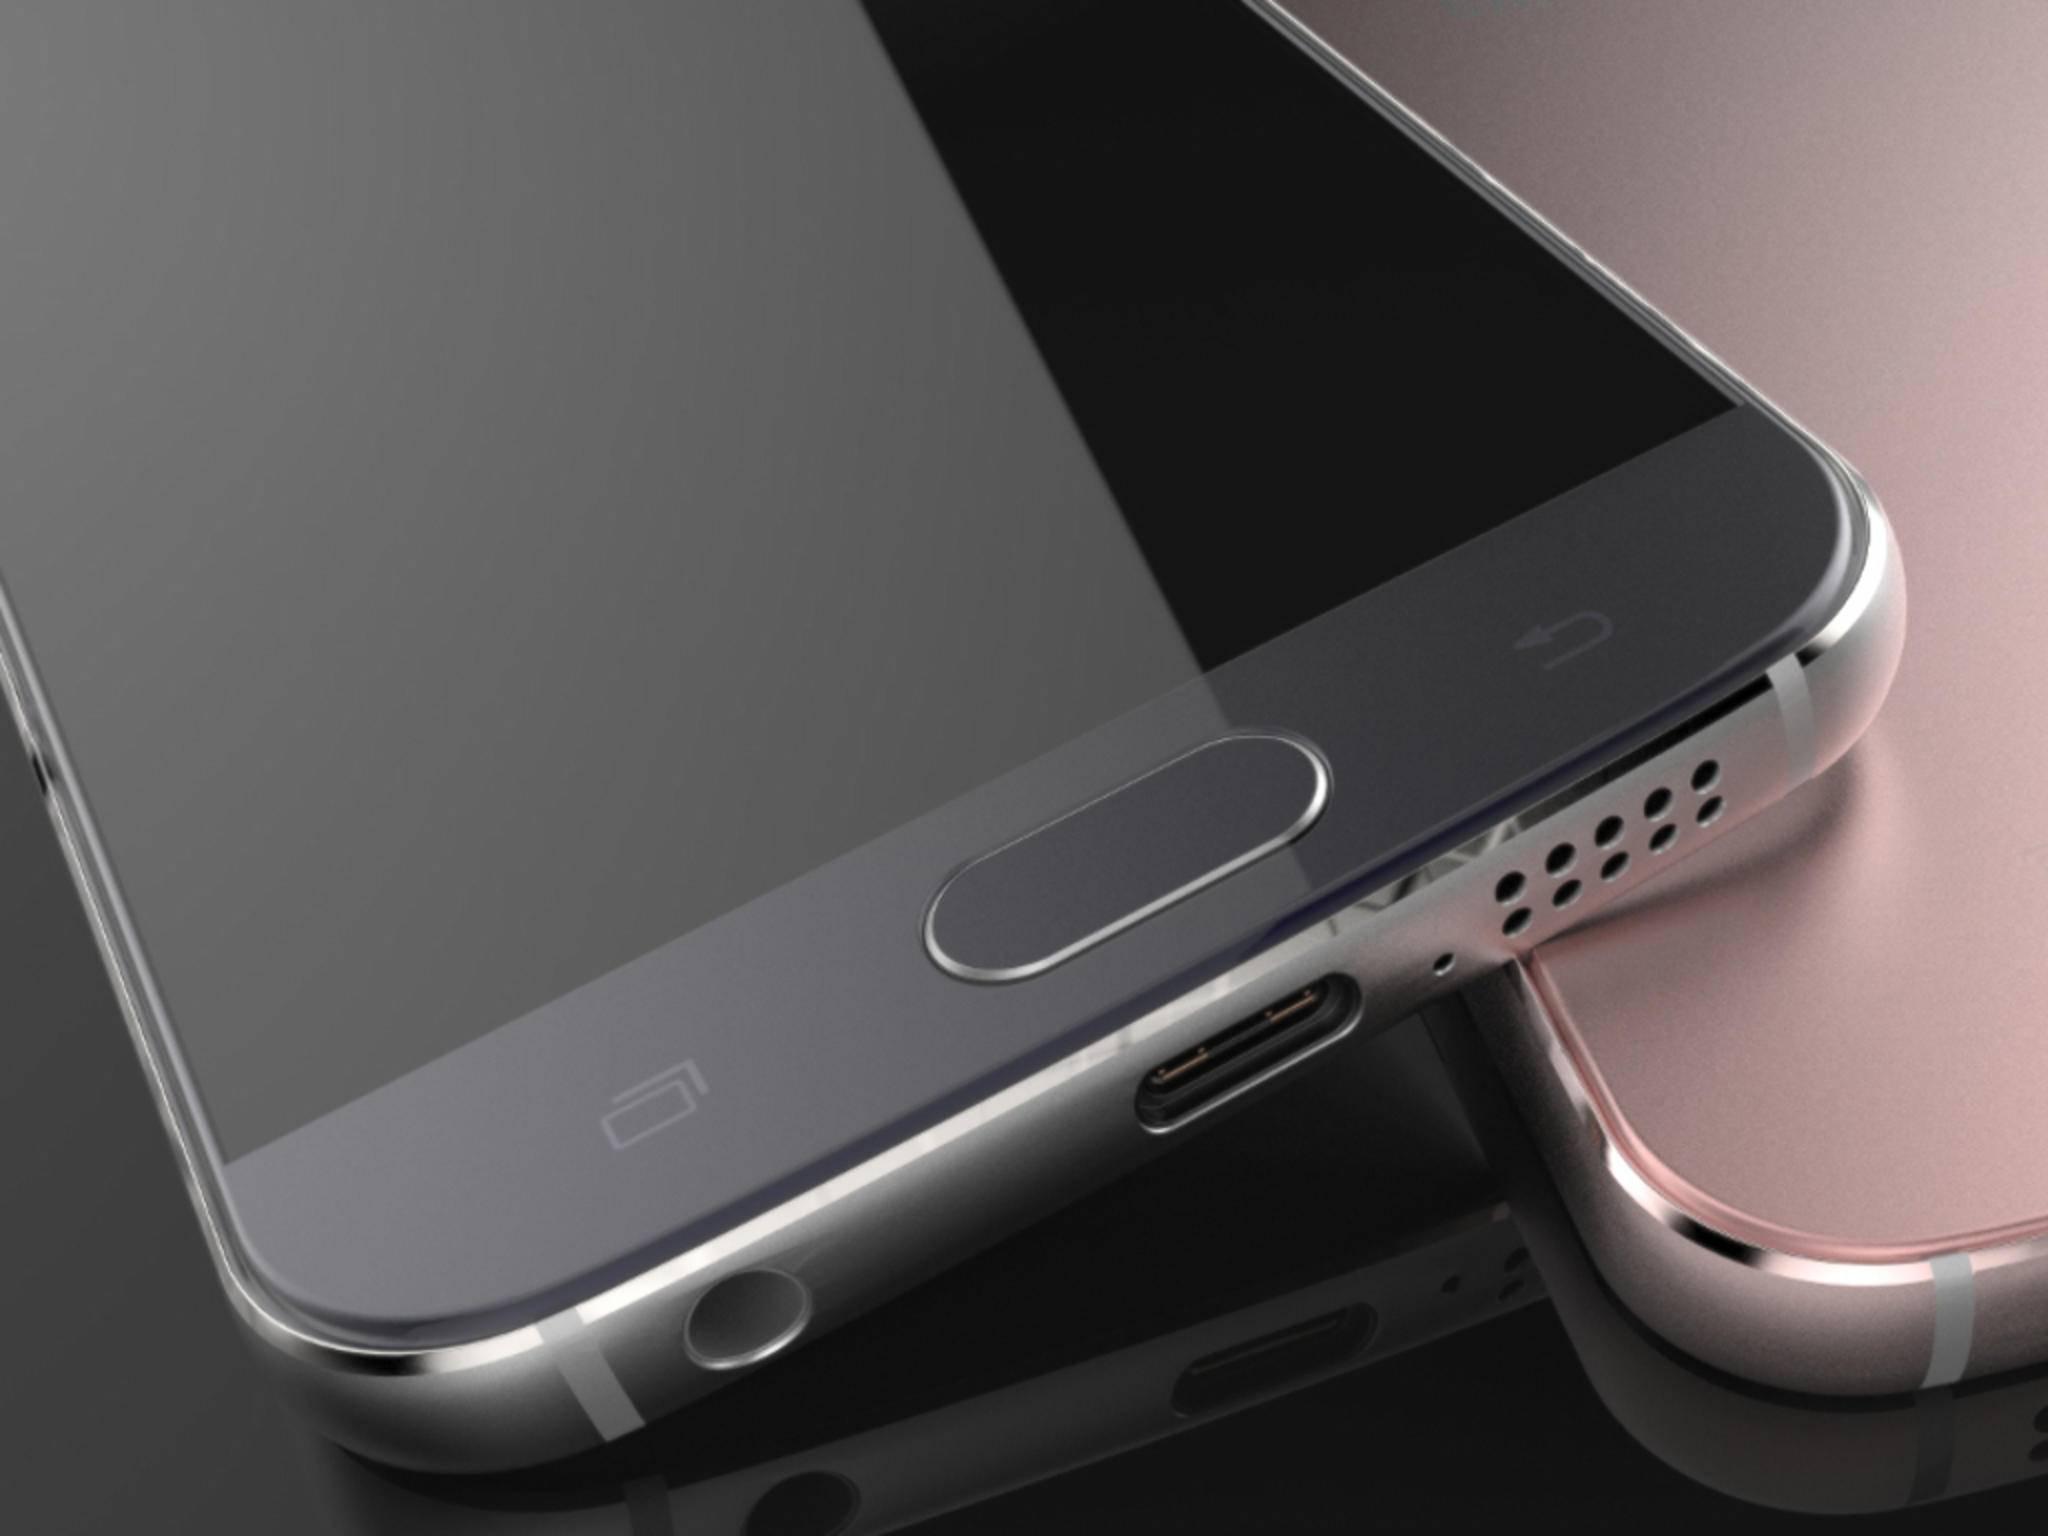 Display-Größe des Galaxy S7 & S7 Edge bestätigt